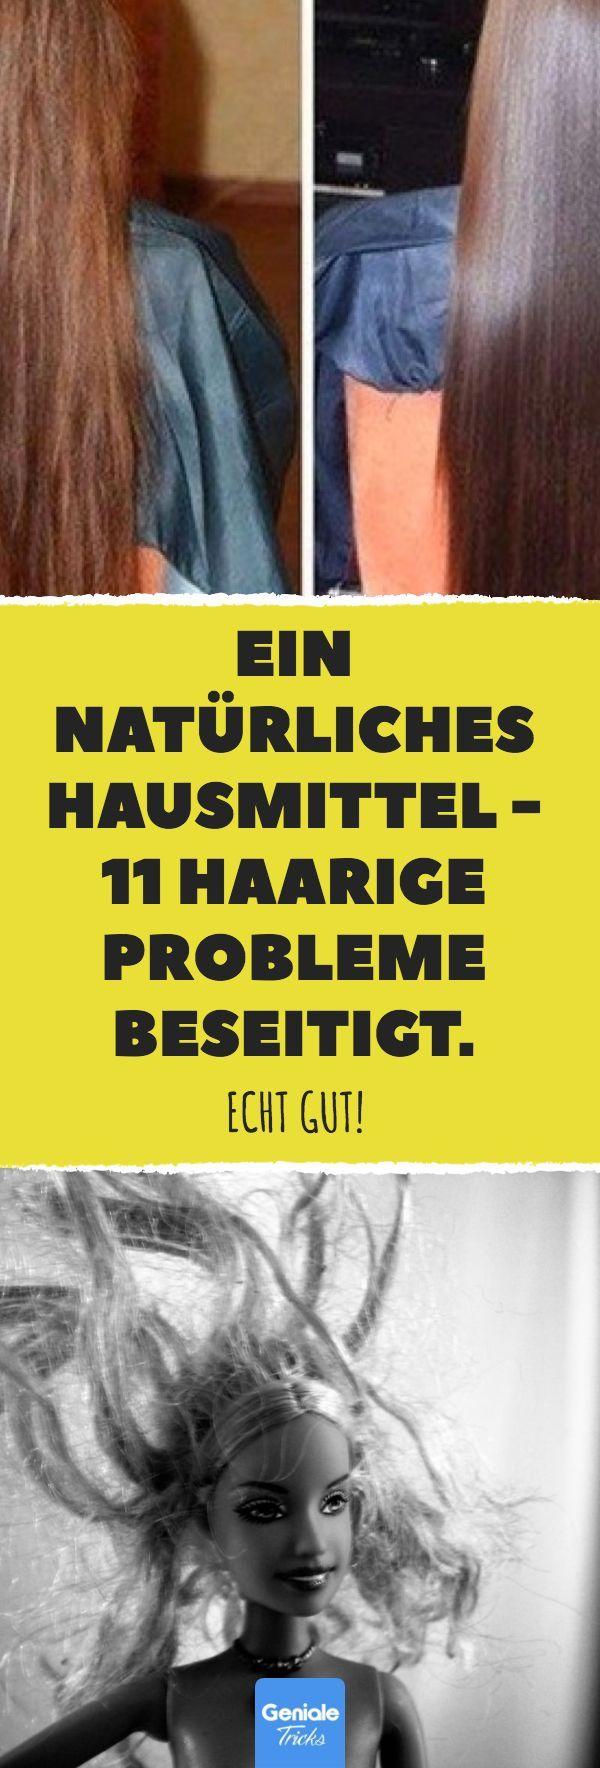 Ein natürliches Hausmittel – 11 haarige Probleme beseitigt. #haare #frisur #sha